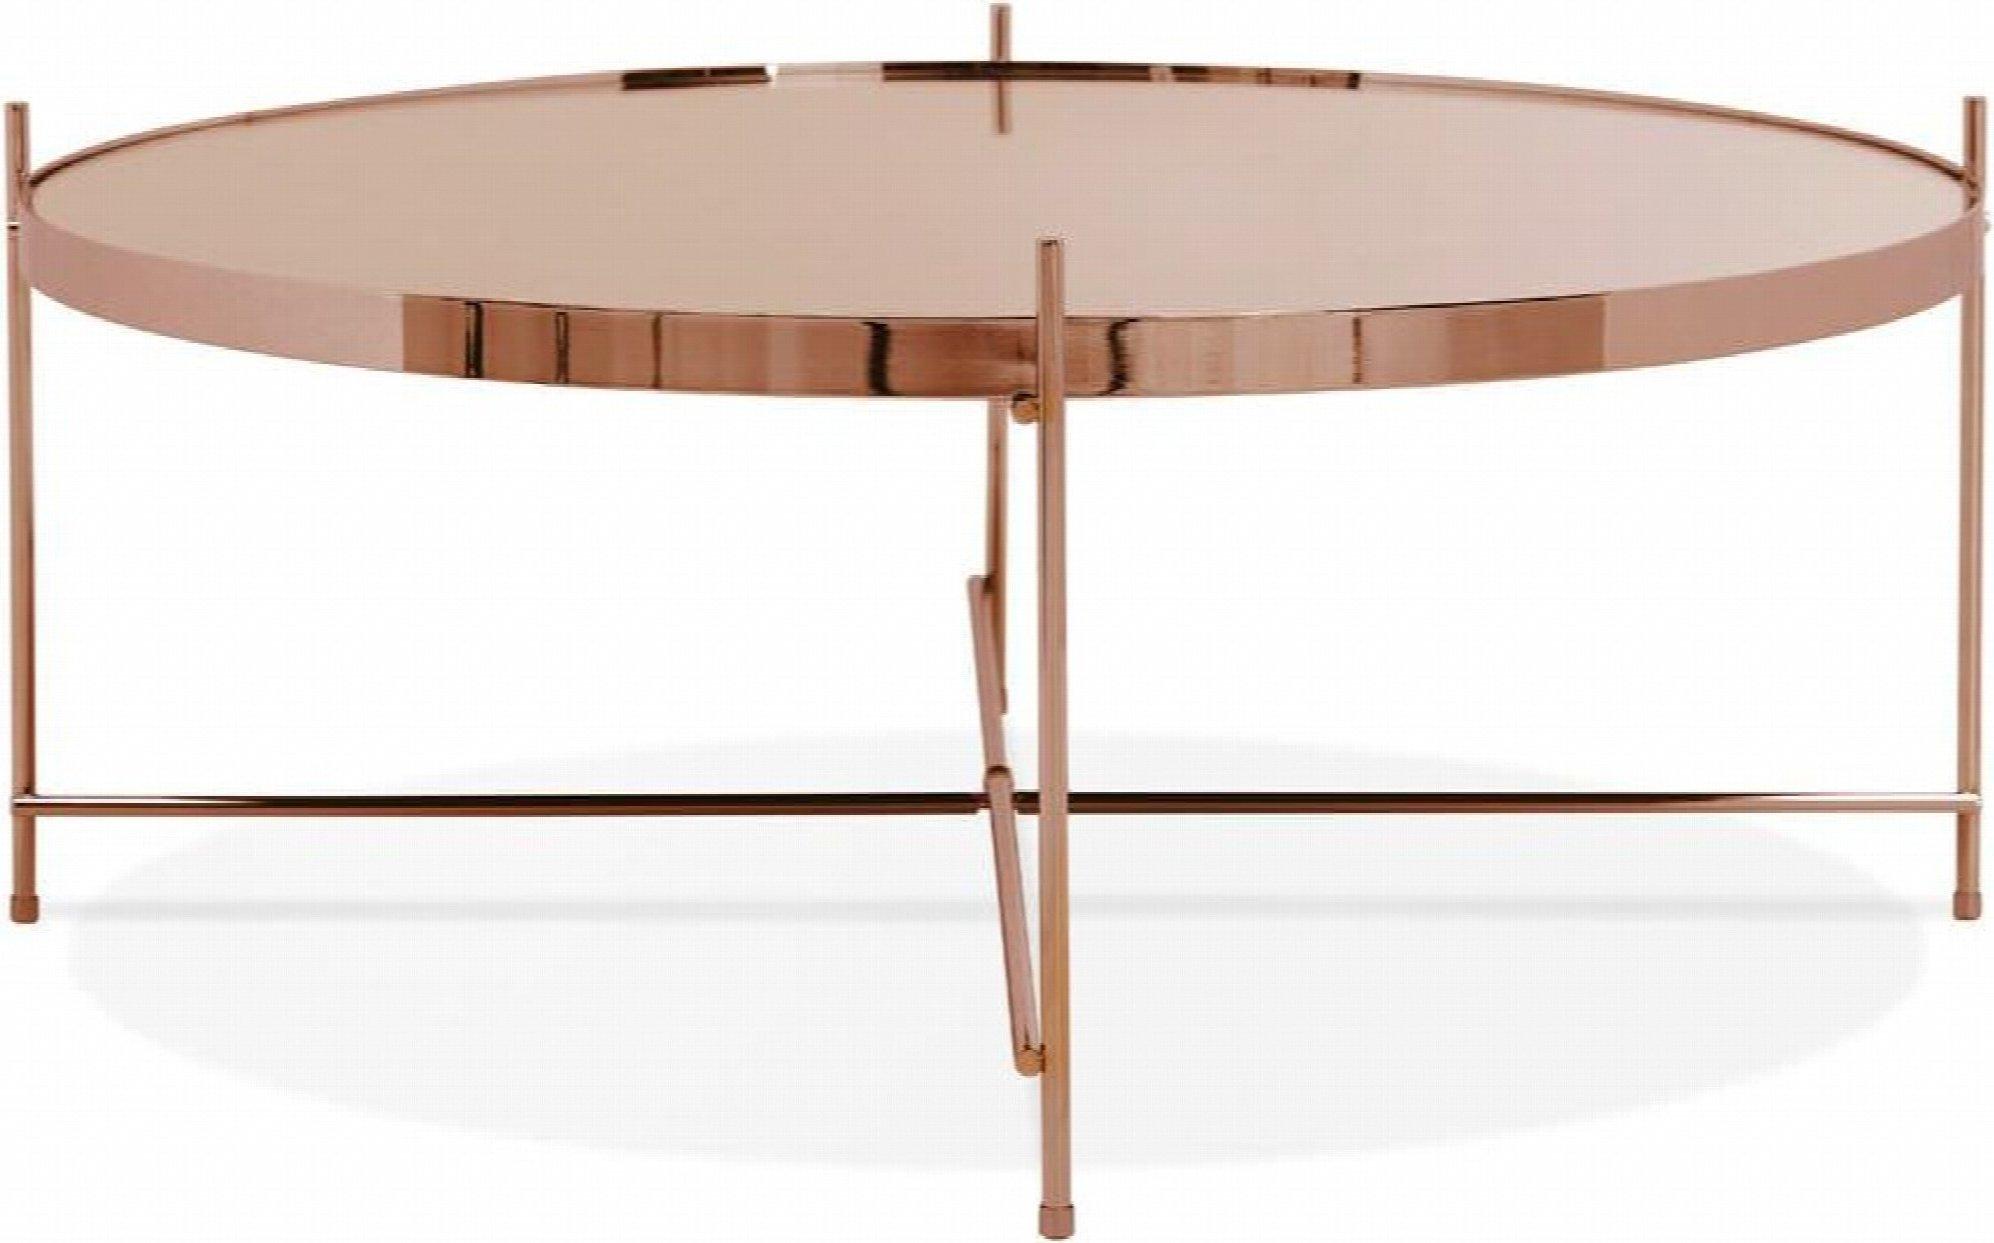 Table basse ronde plateau verre et cuivre d83cm